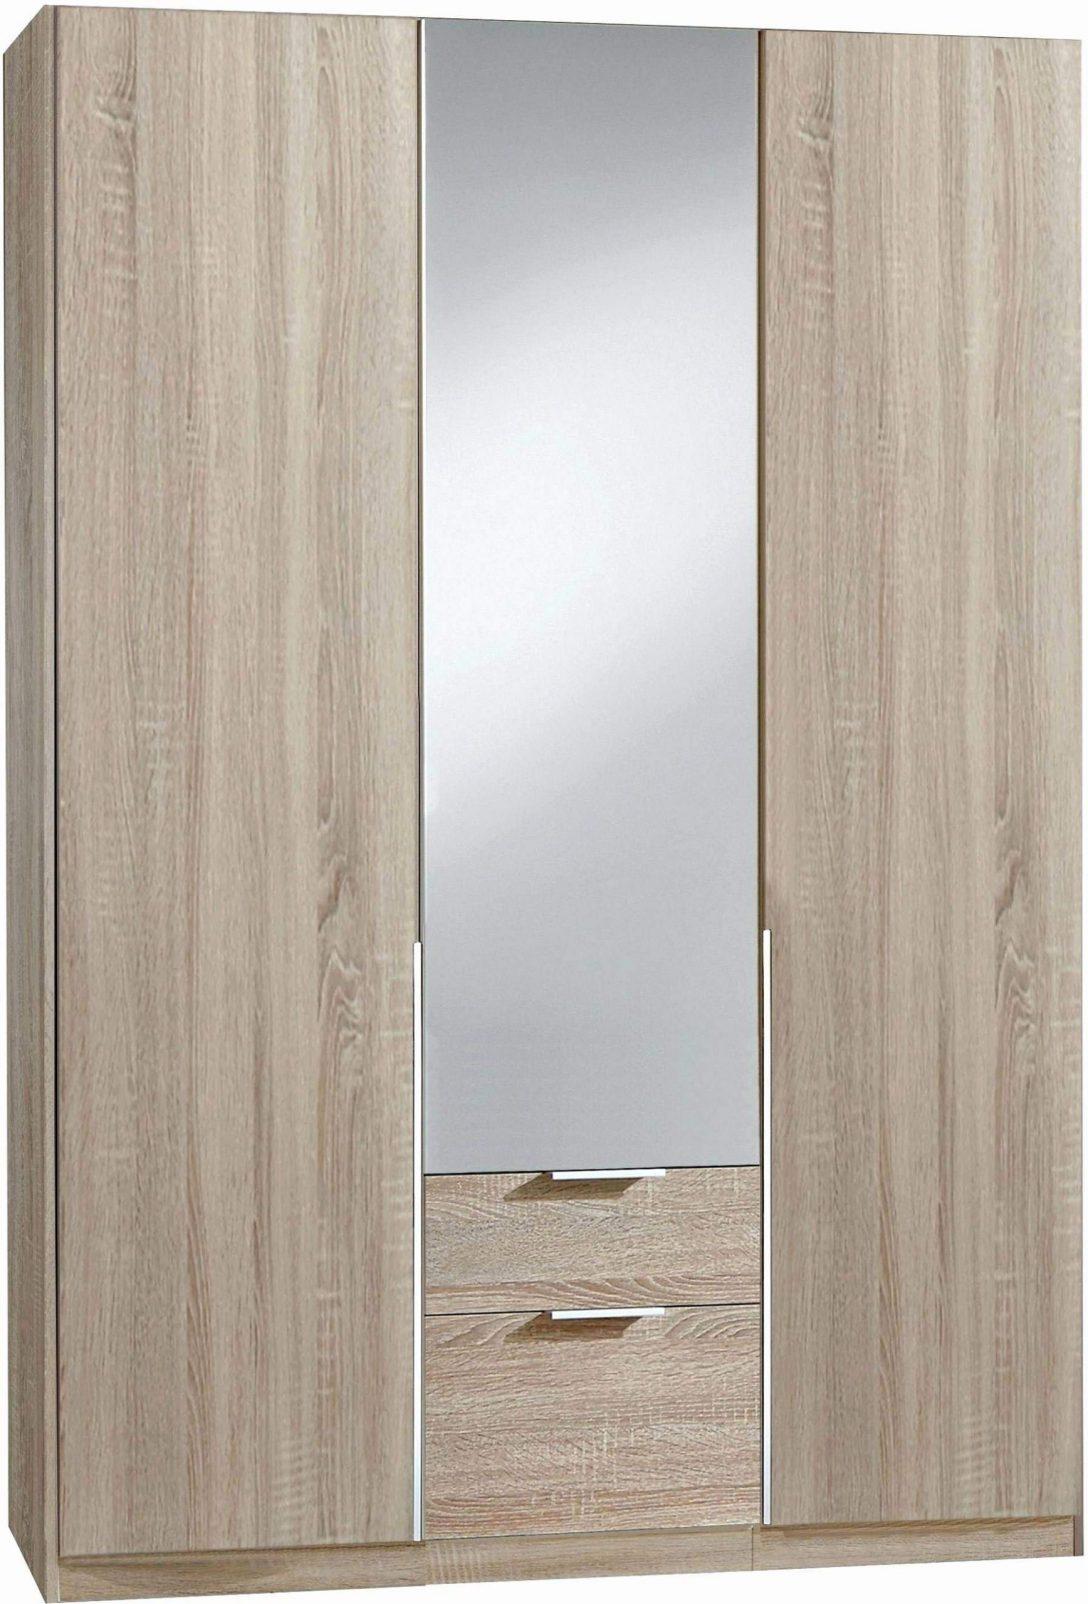 Large Size of Wohnzimmerschrank Design Wohnzimmerschrank Mit Led Wohnzimmerschränke Weiß Schrank Wohnzimmer Weiß Matt Wohnzimmer Schrank Wohnzimmer